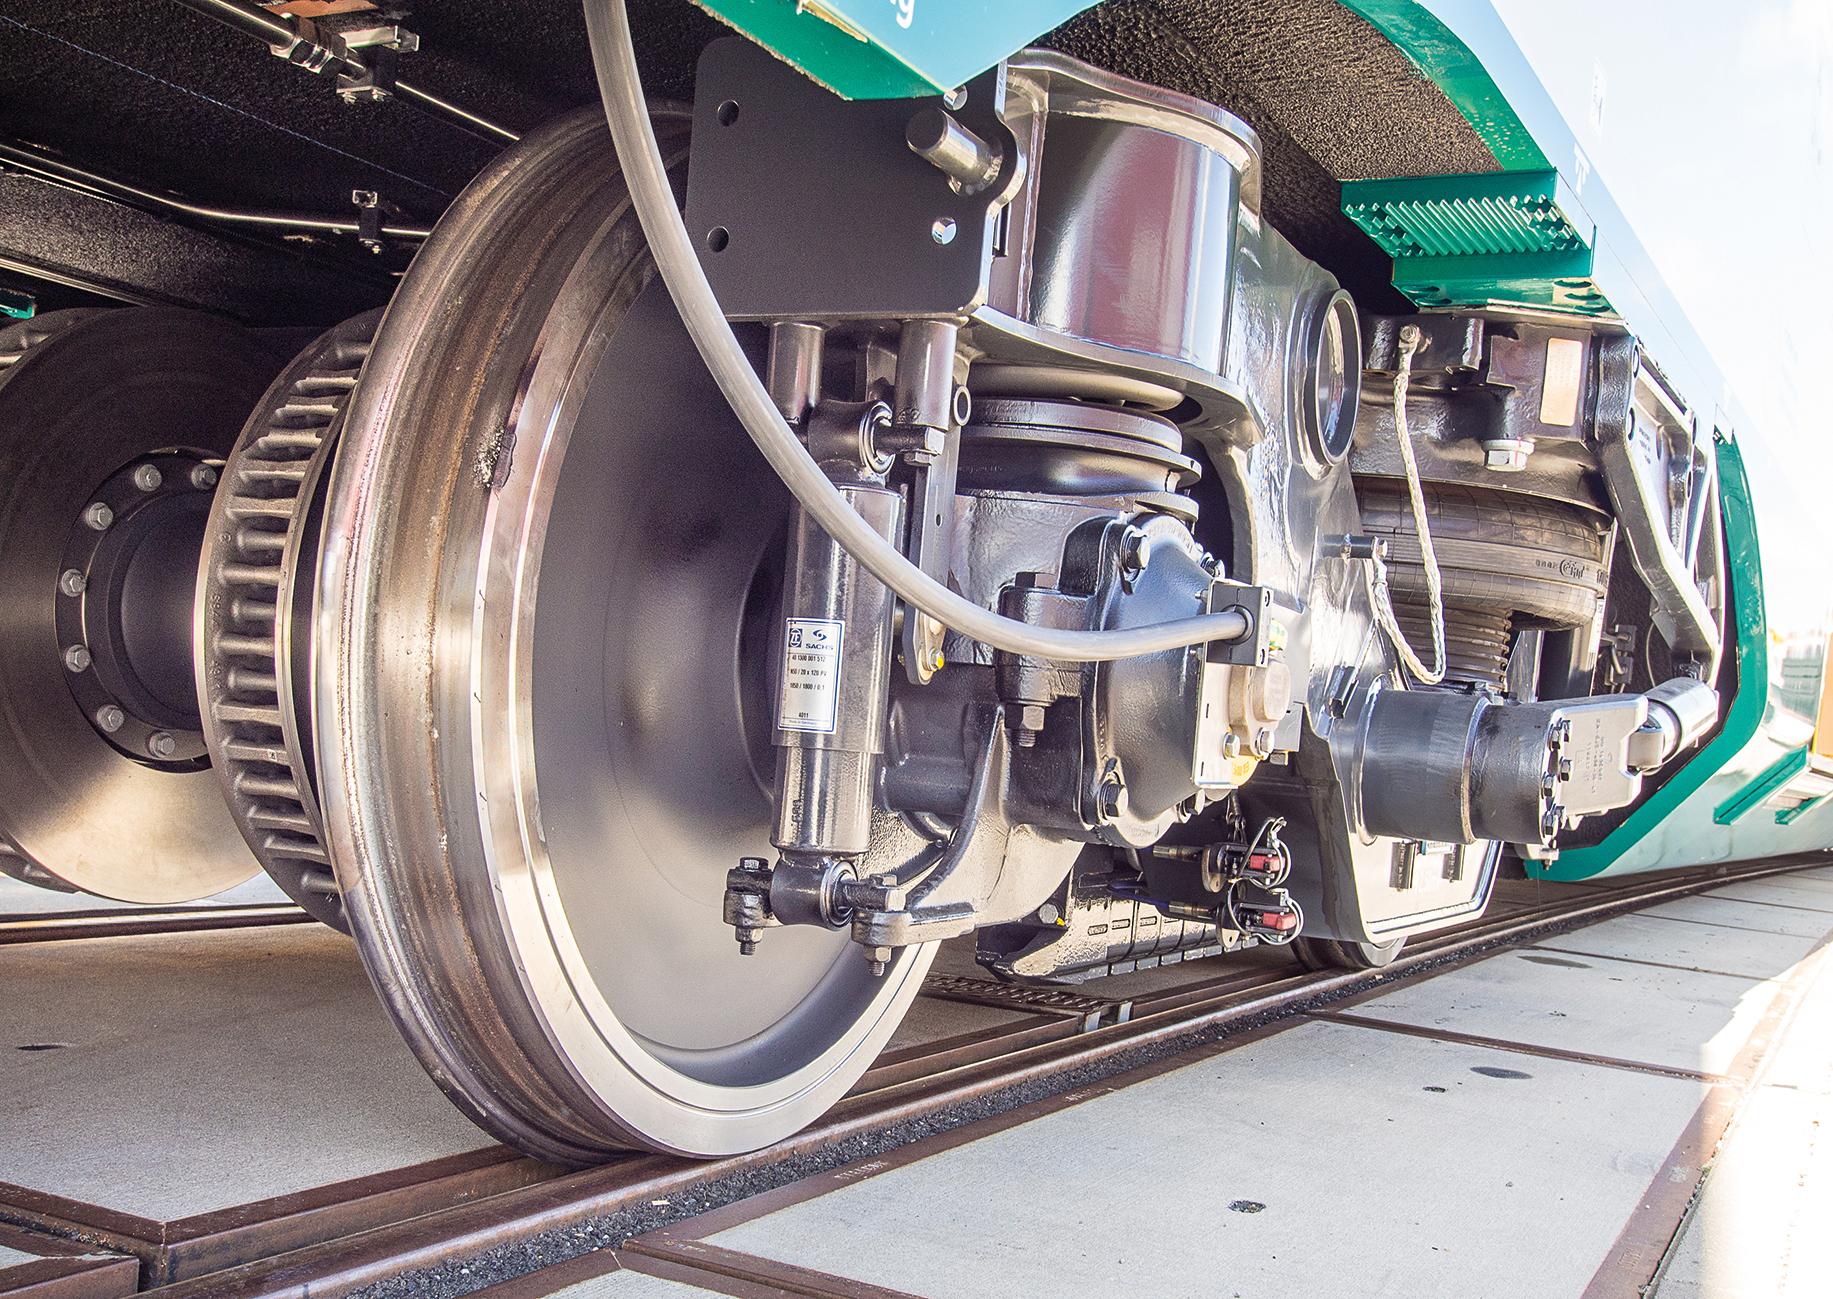 Große Aufnahme von Rädern eines Zuges mit Bremse